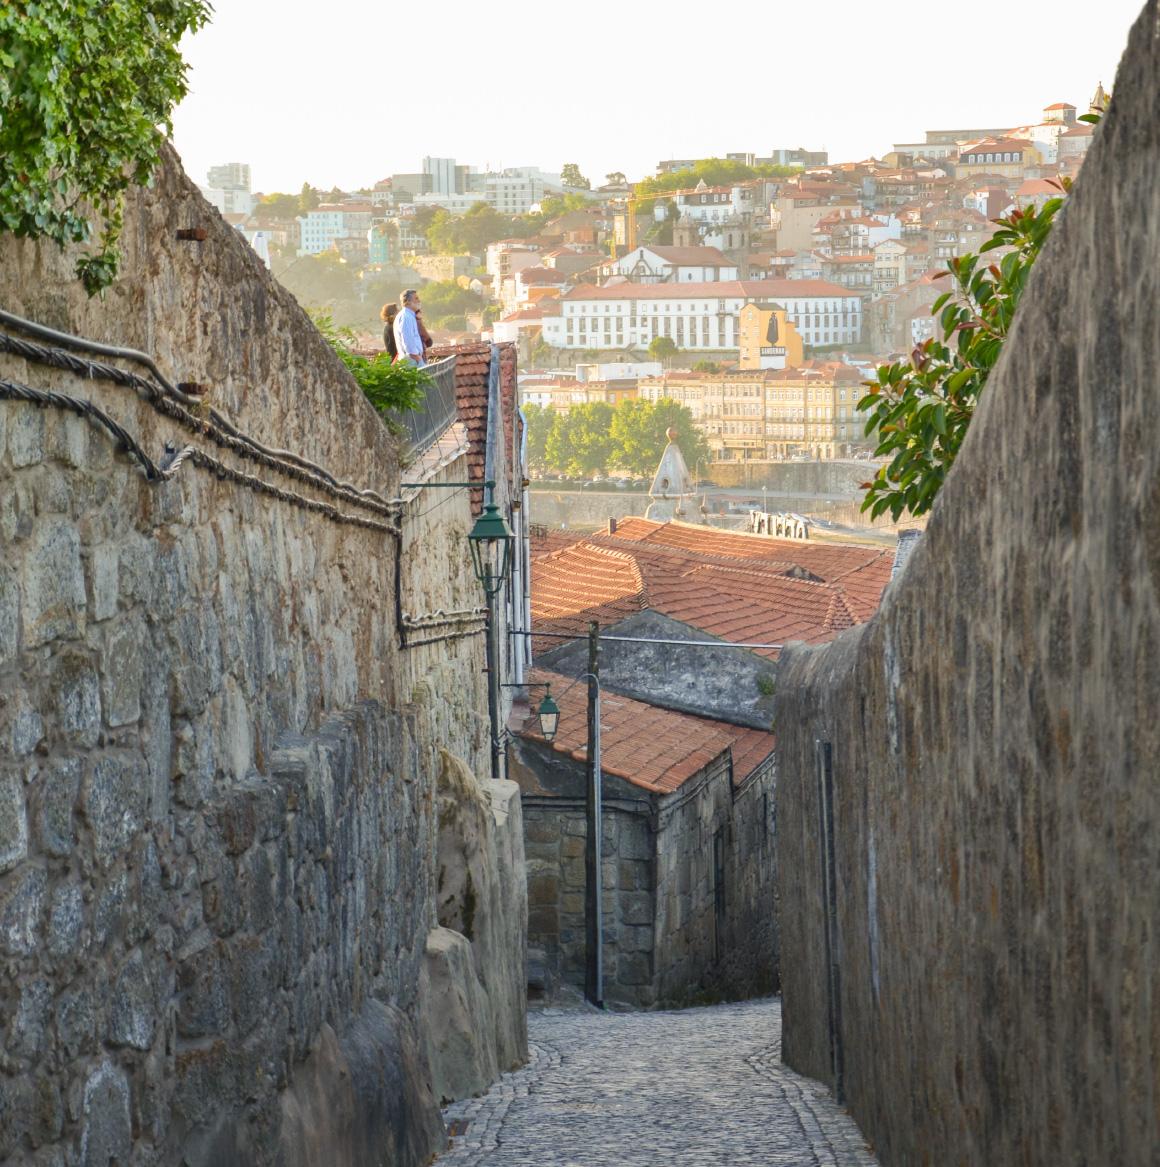 vila-nova-de-gaia-historical-centre